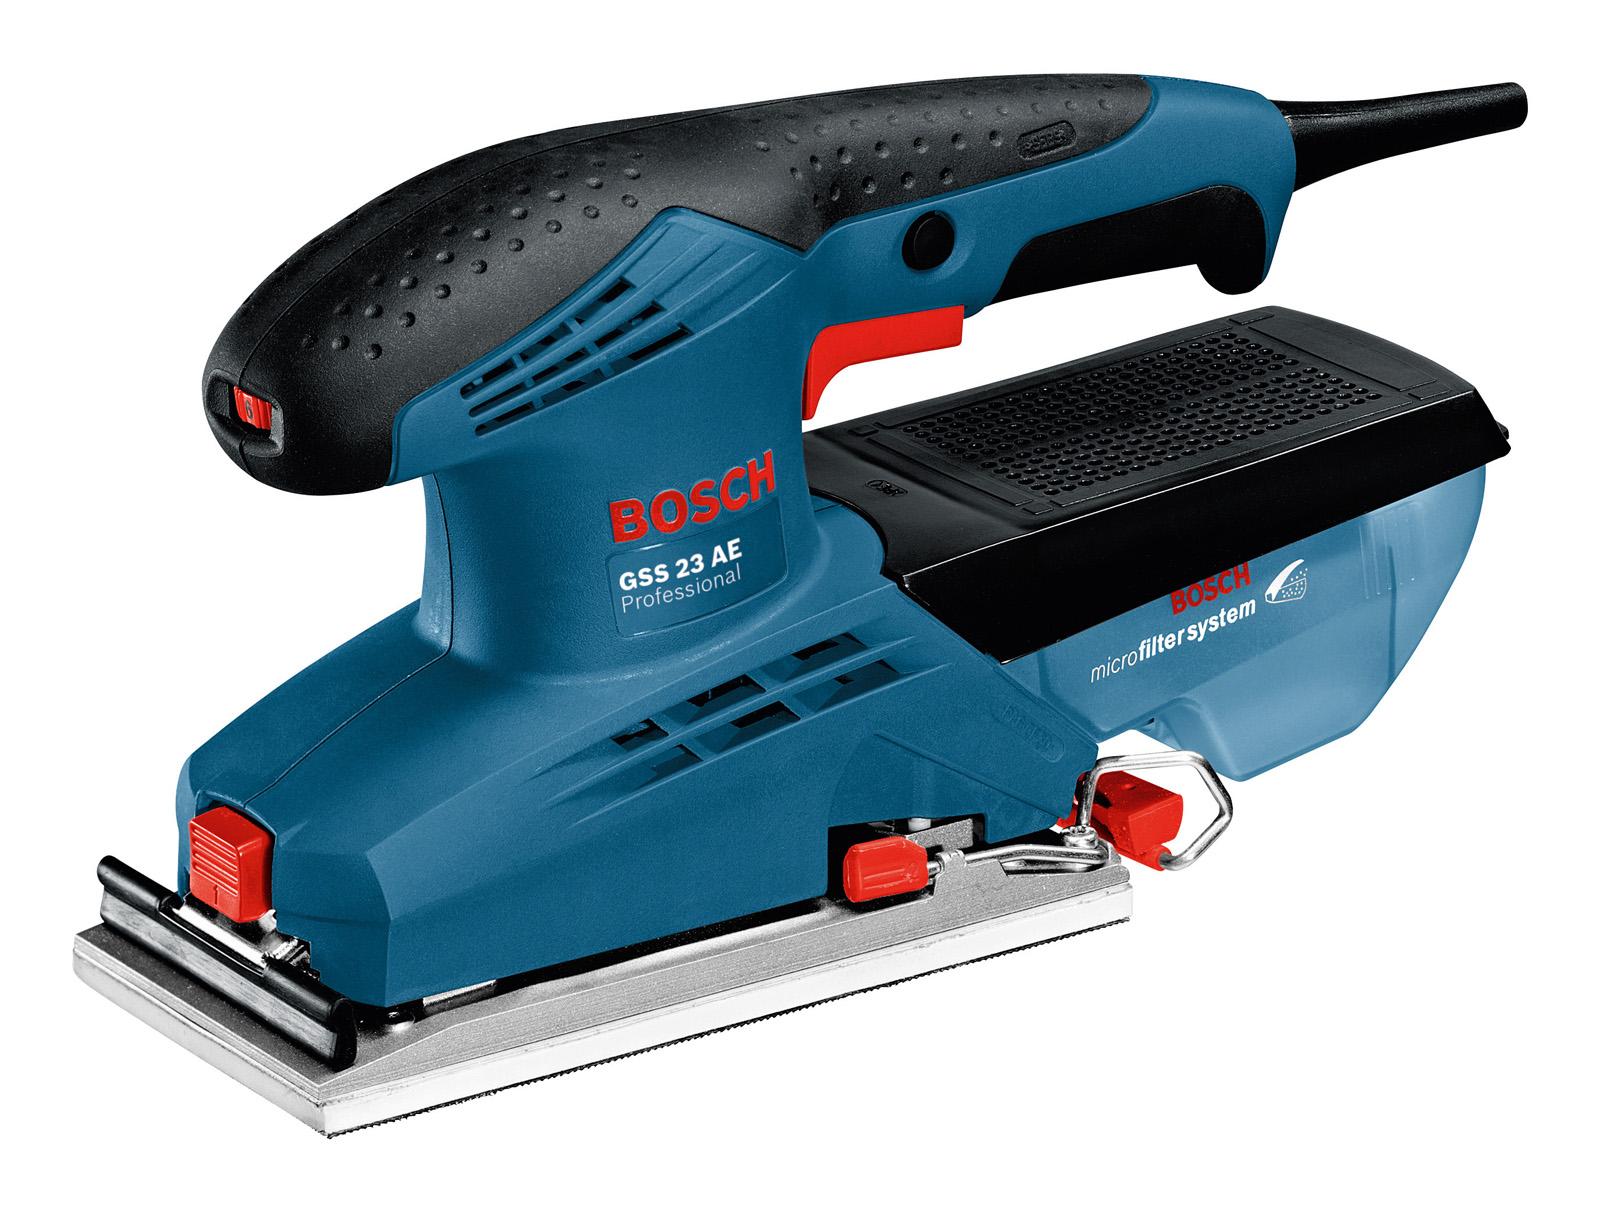 Машинка шлифовальная плоская (вибрационная) Bosch Gss 23 ae